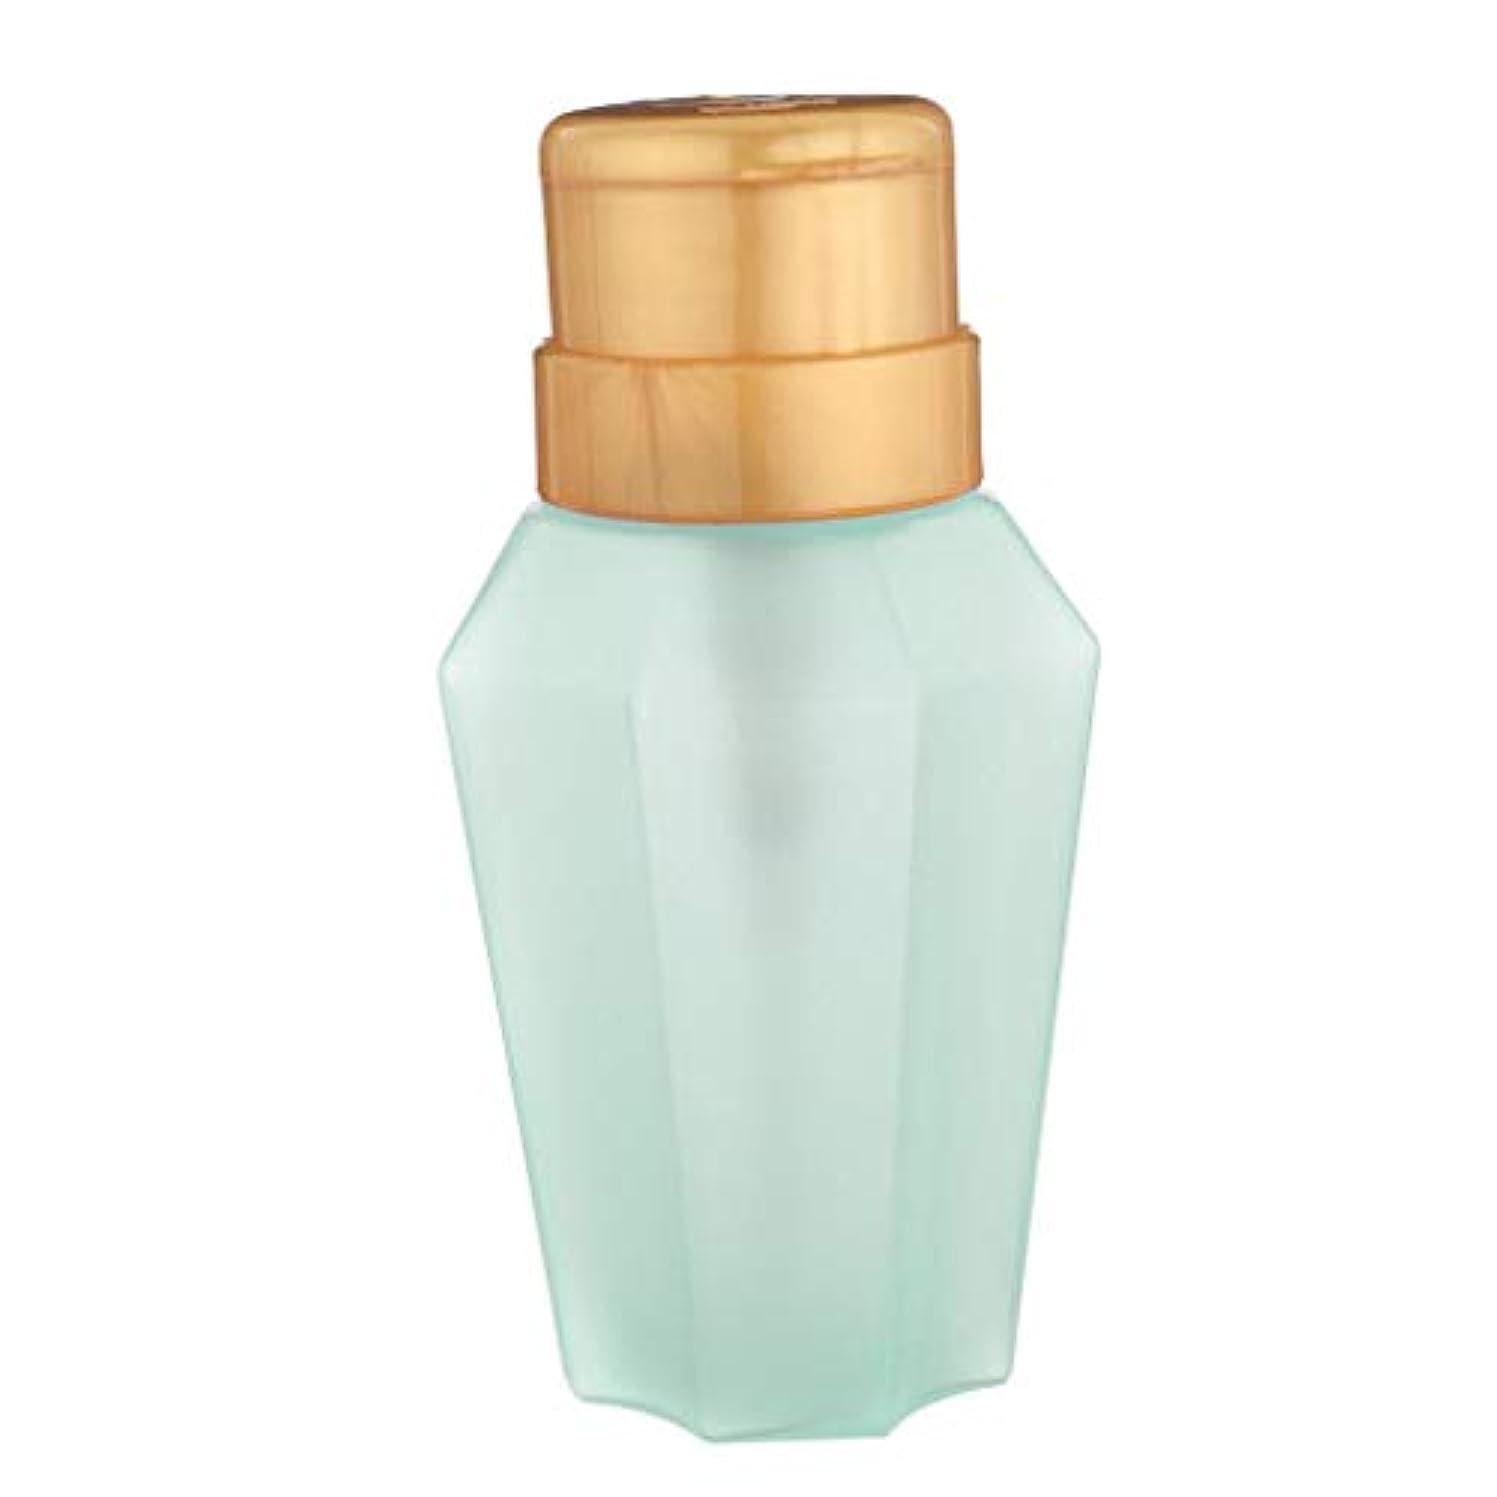 数学的な陰気暫定ポンプボトル 詰替え容器 プレスボトル ディスペンサーボトル 200ML こぼれ防止 防錆 無毒 全2色 - 緑